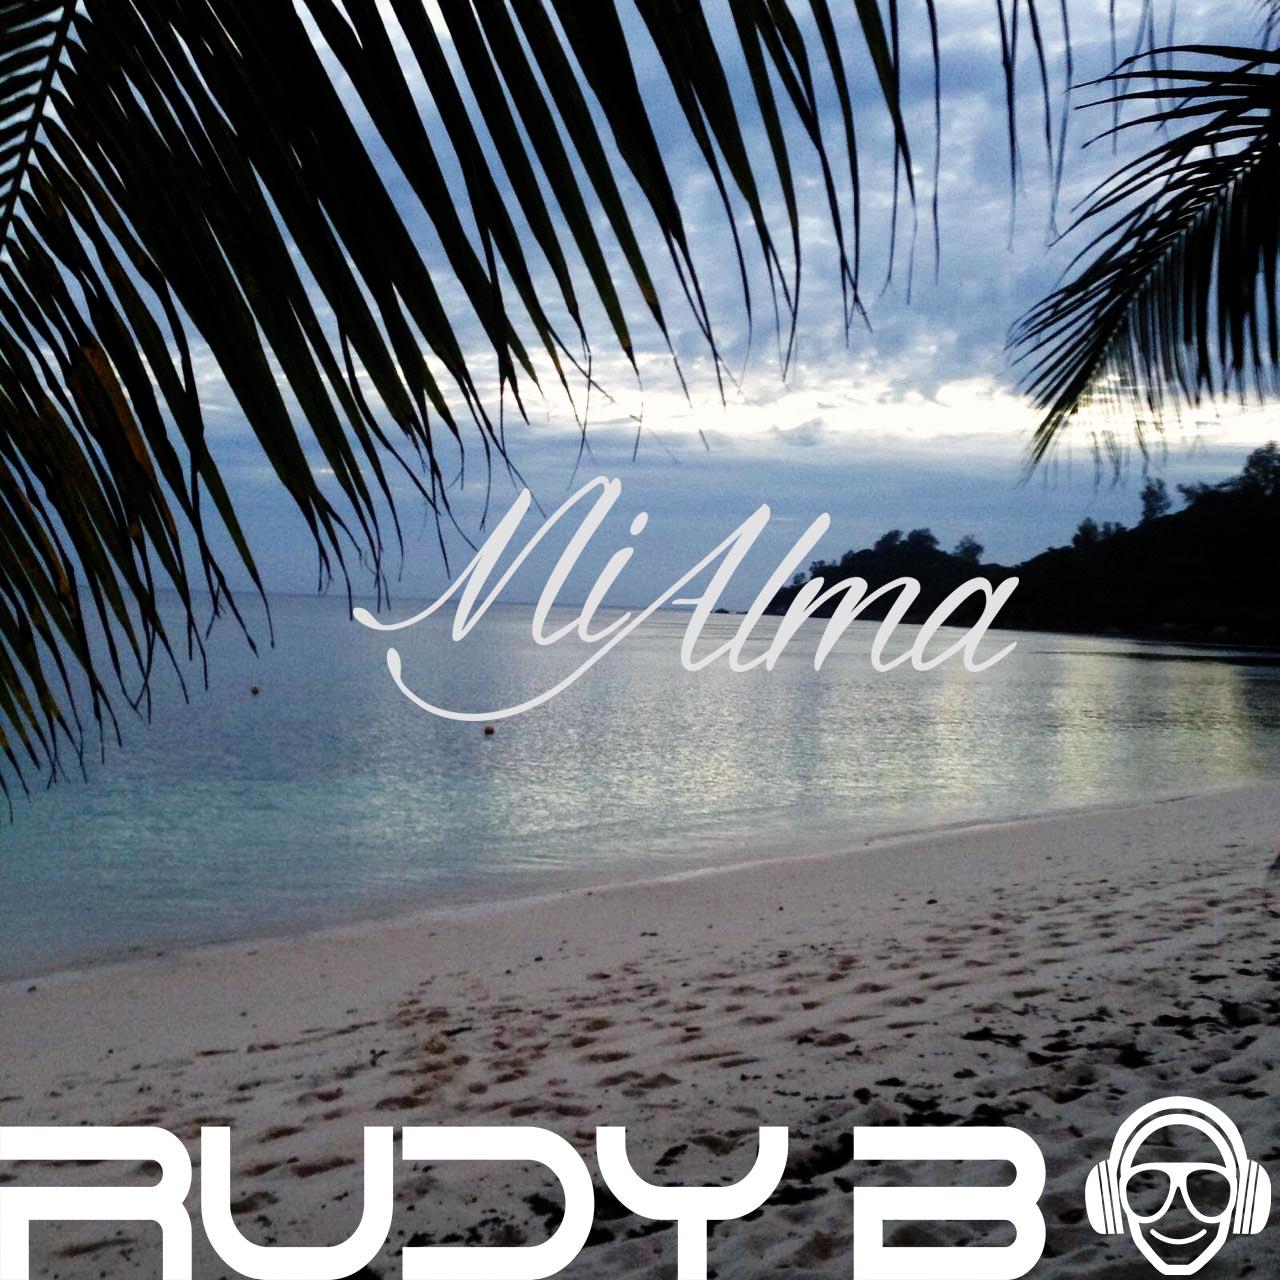 Rudy.B.Dj - Mi Alma